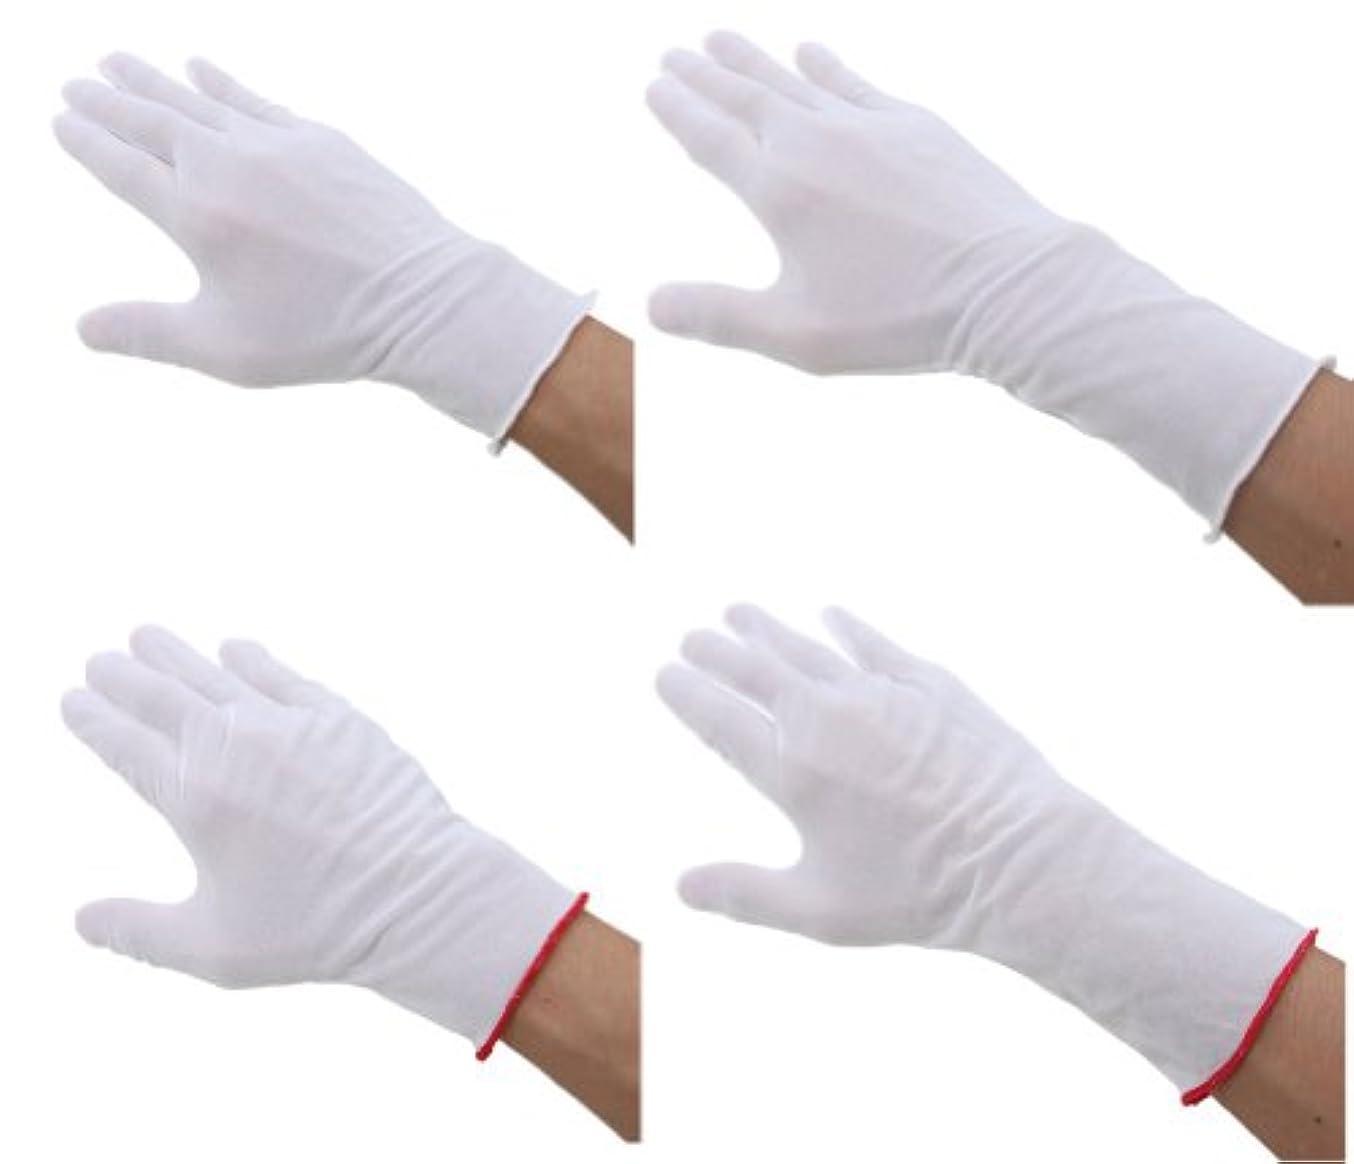 原子炉国心理的ウインセス 【通気性抜群!ゴム手袋の下履きに!/極薄インナー手袋】 約28cm (L/ロング)